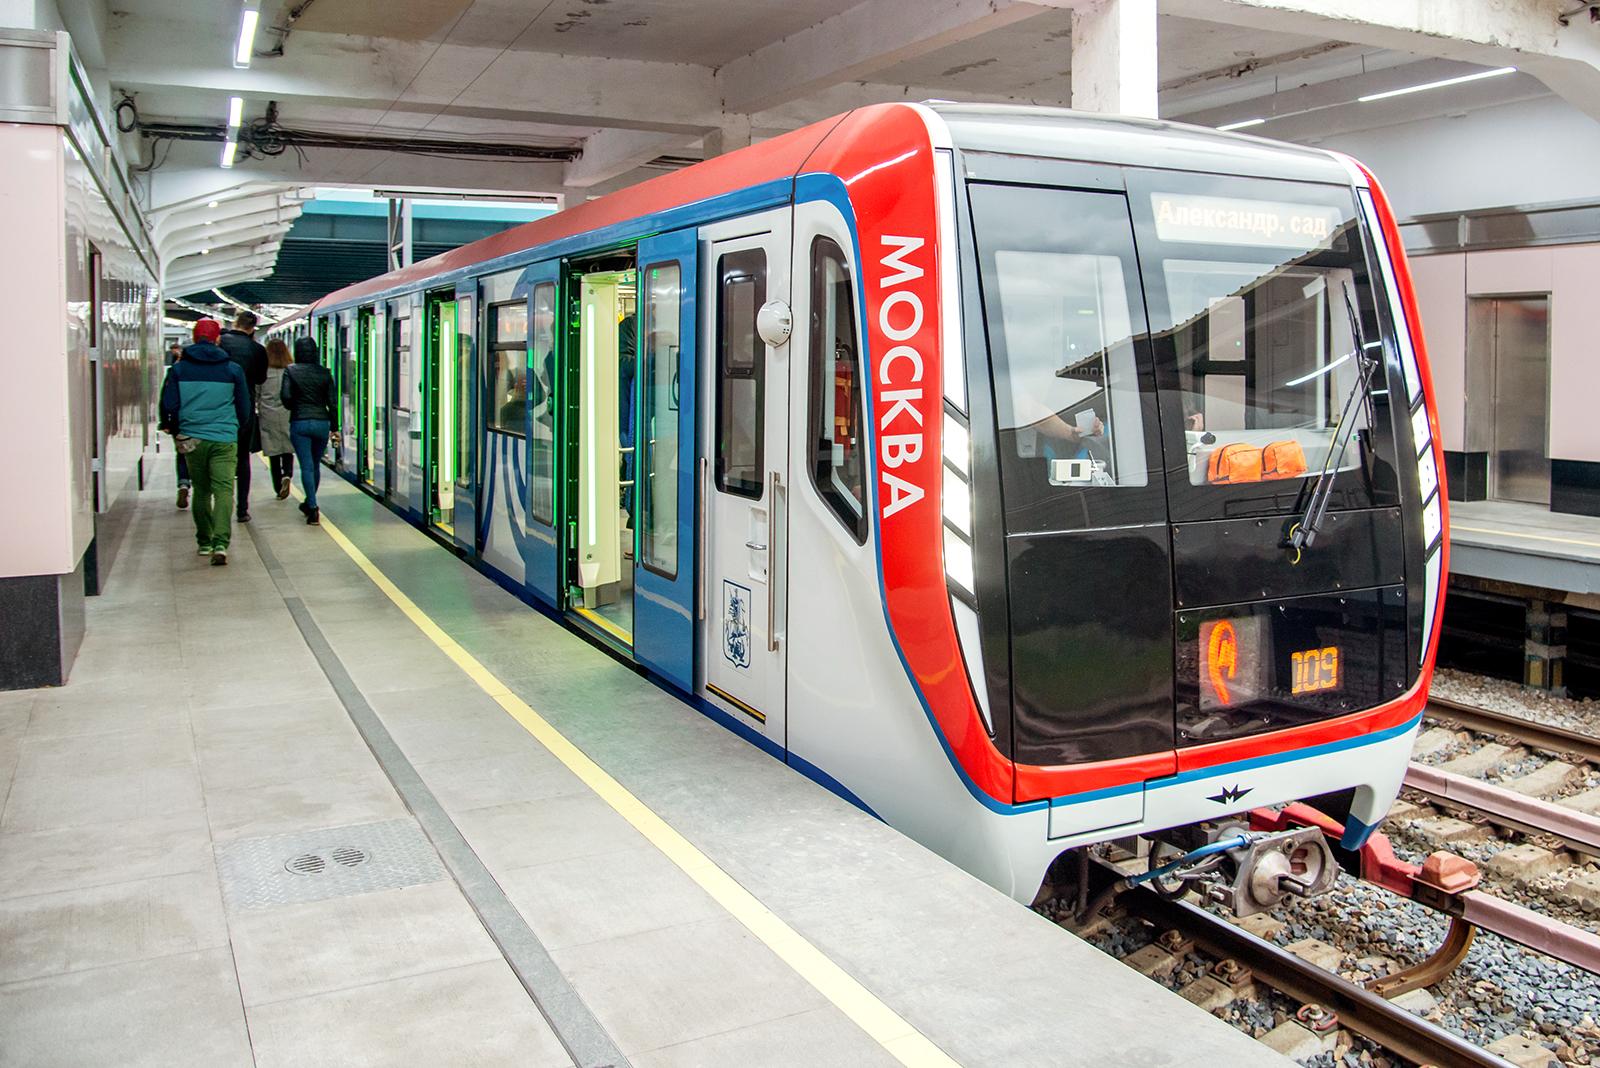 5 способов экономить на поездках в московском метро. Некоторые вообще ездят бесплатно